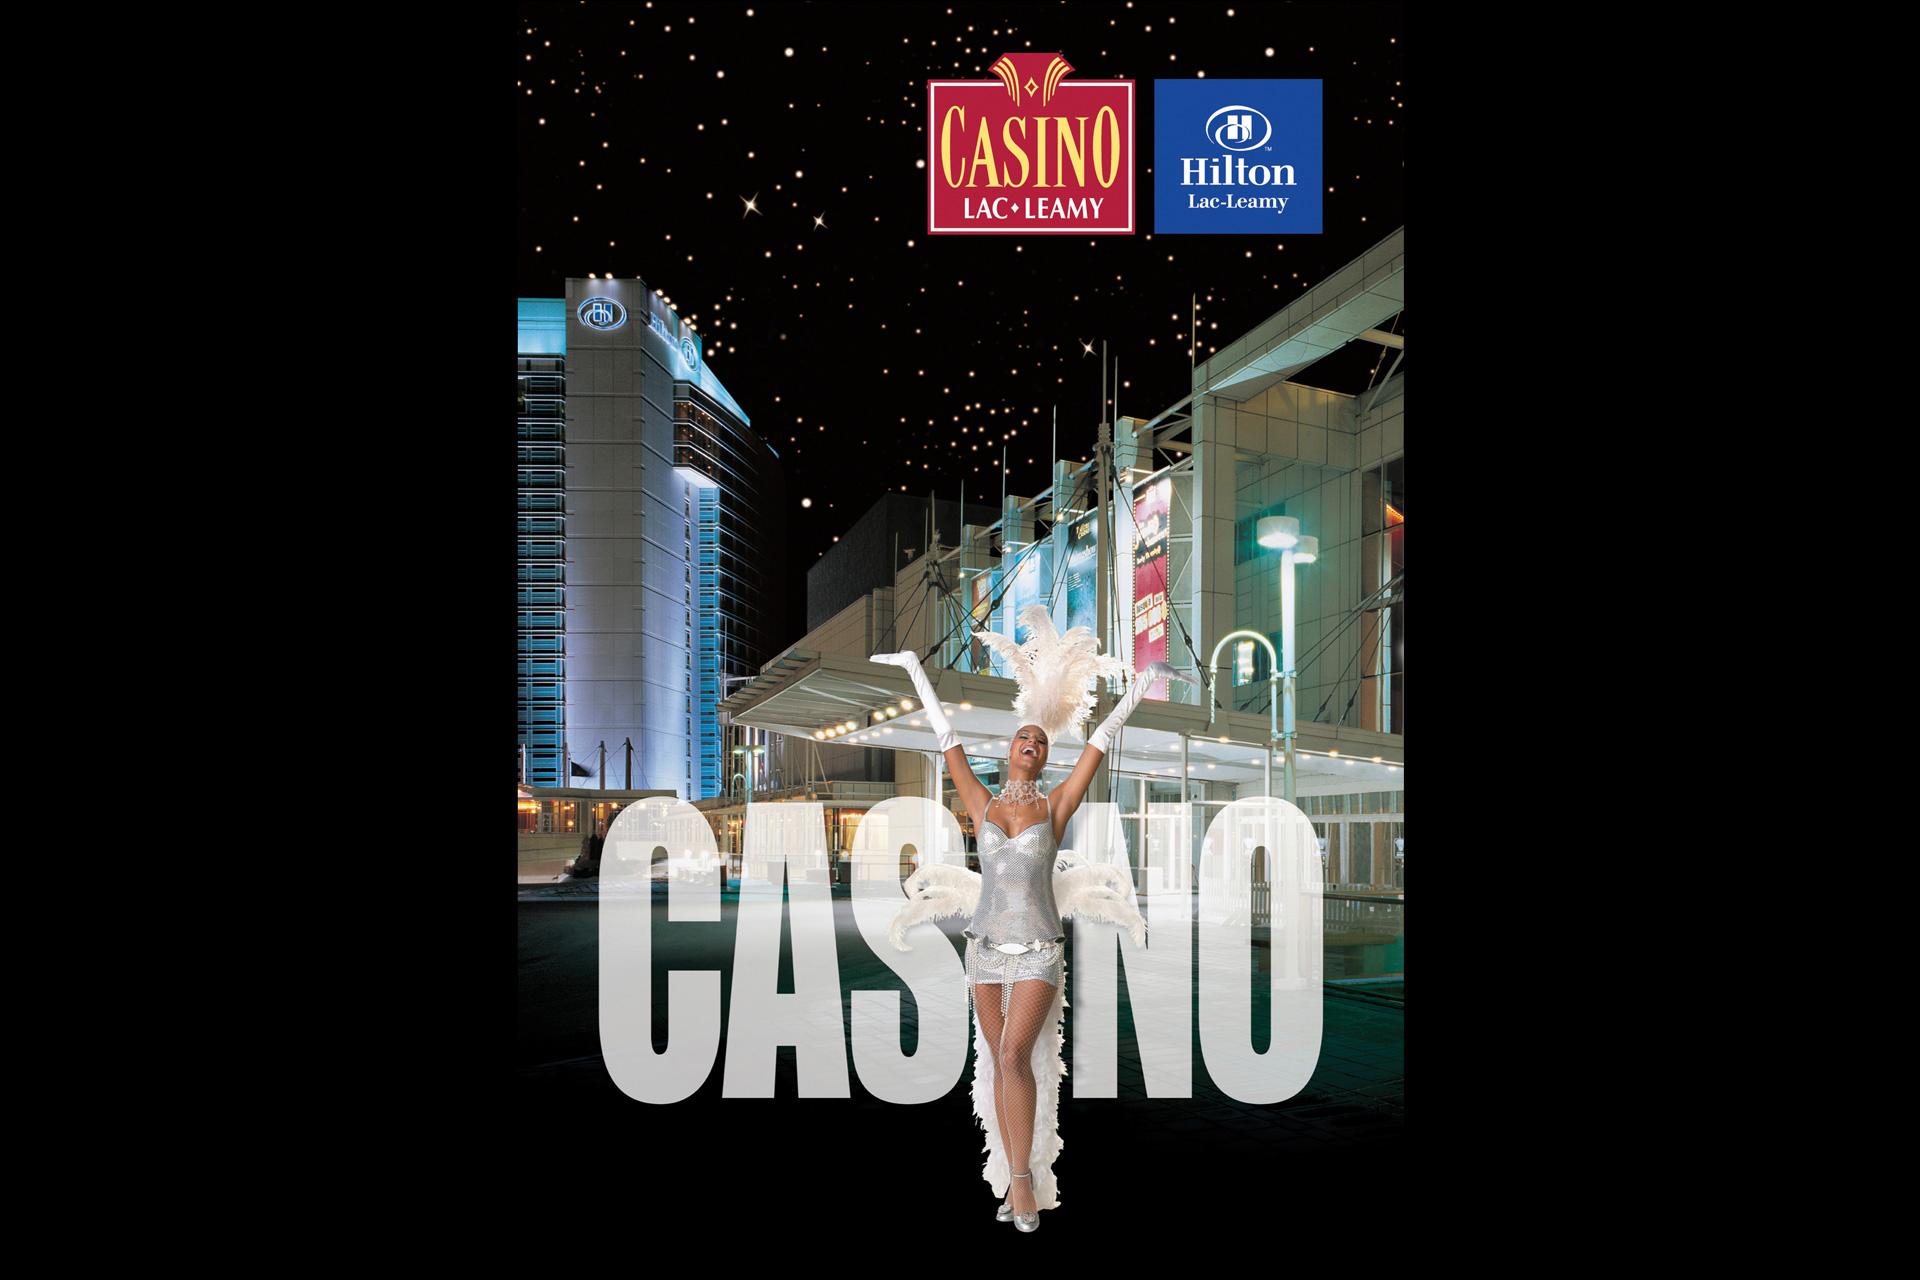 Hilton Hotel Lac Leamy Casino